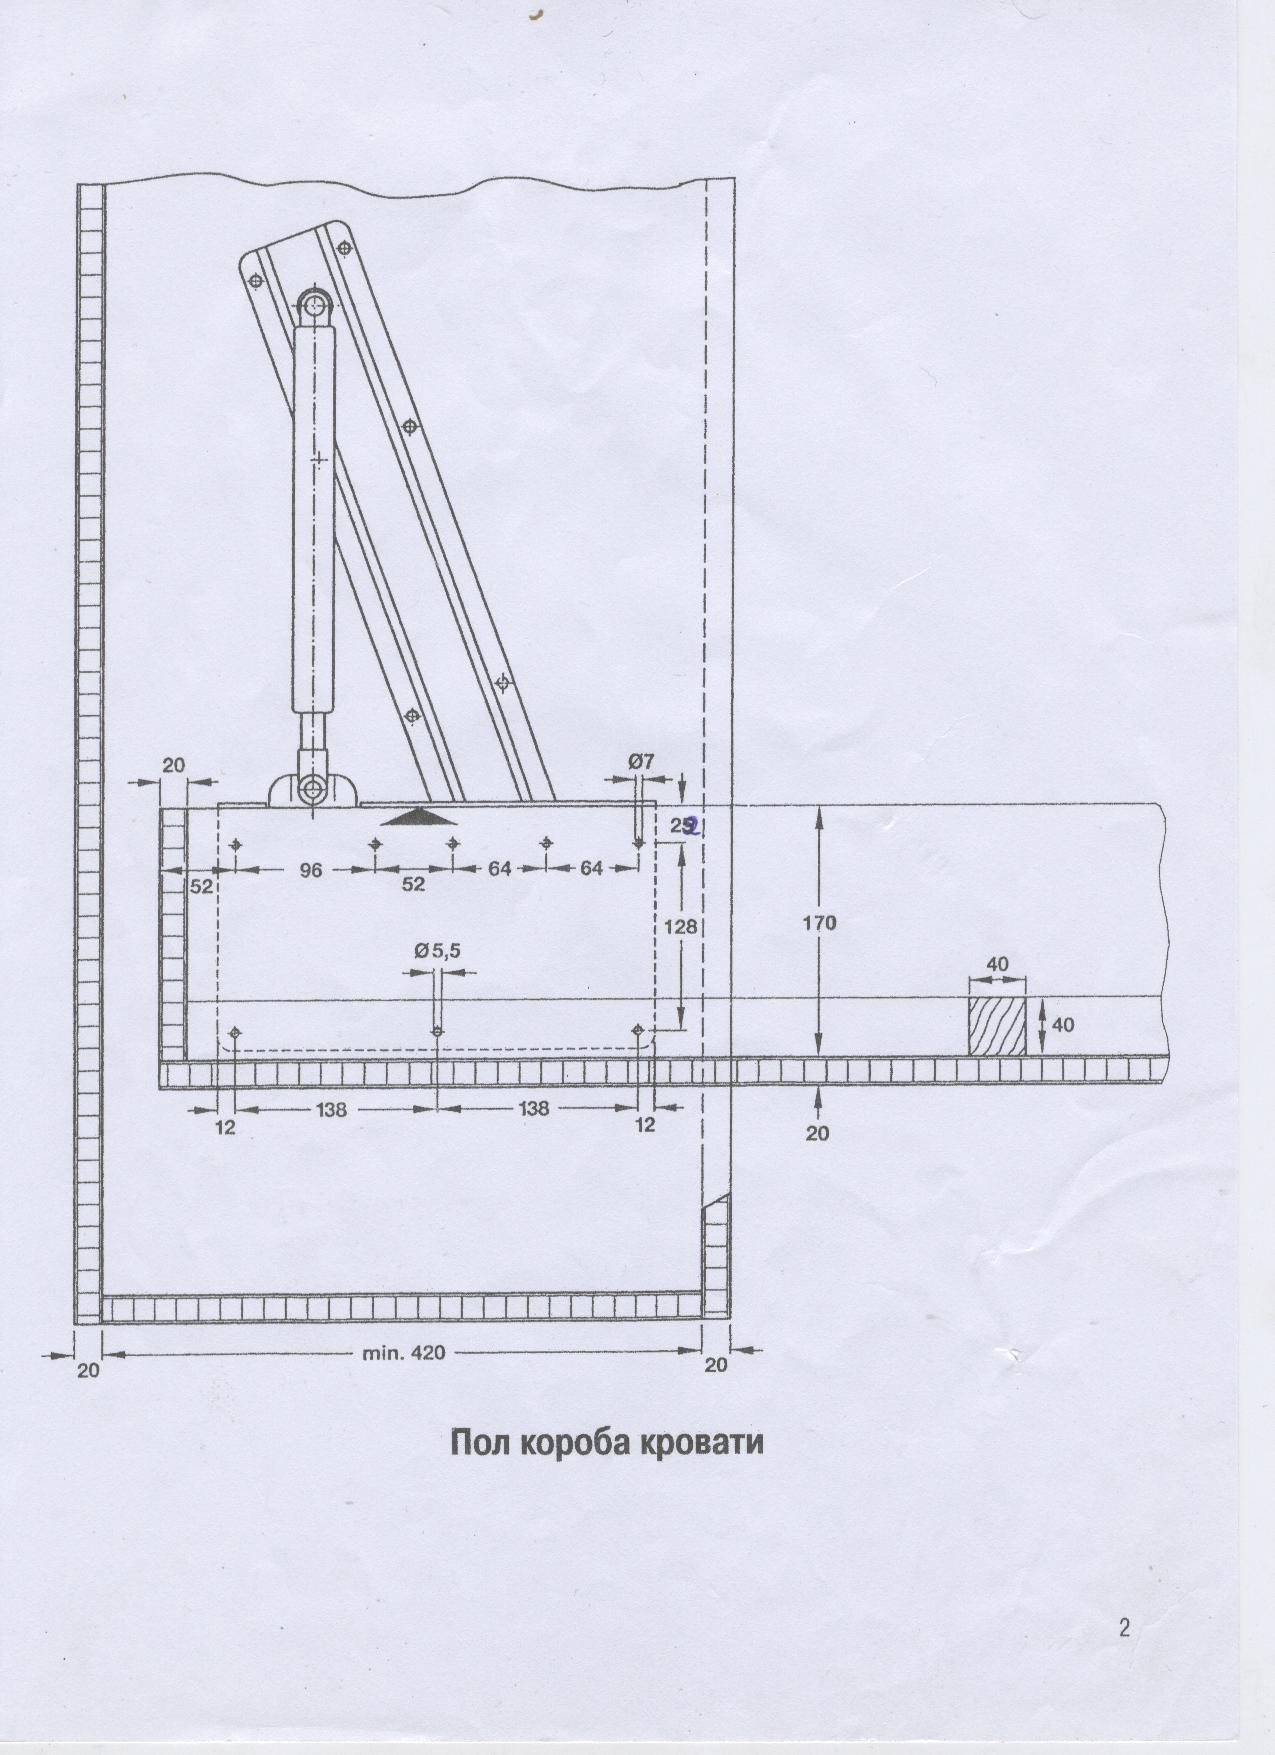 Кровать шкаф своими руками чертежи с подъемным механизмом